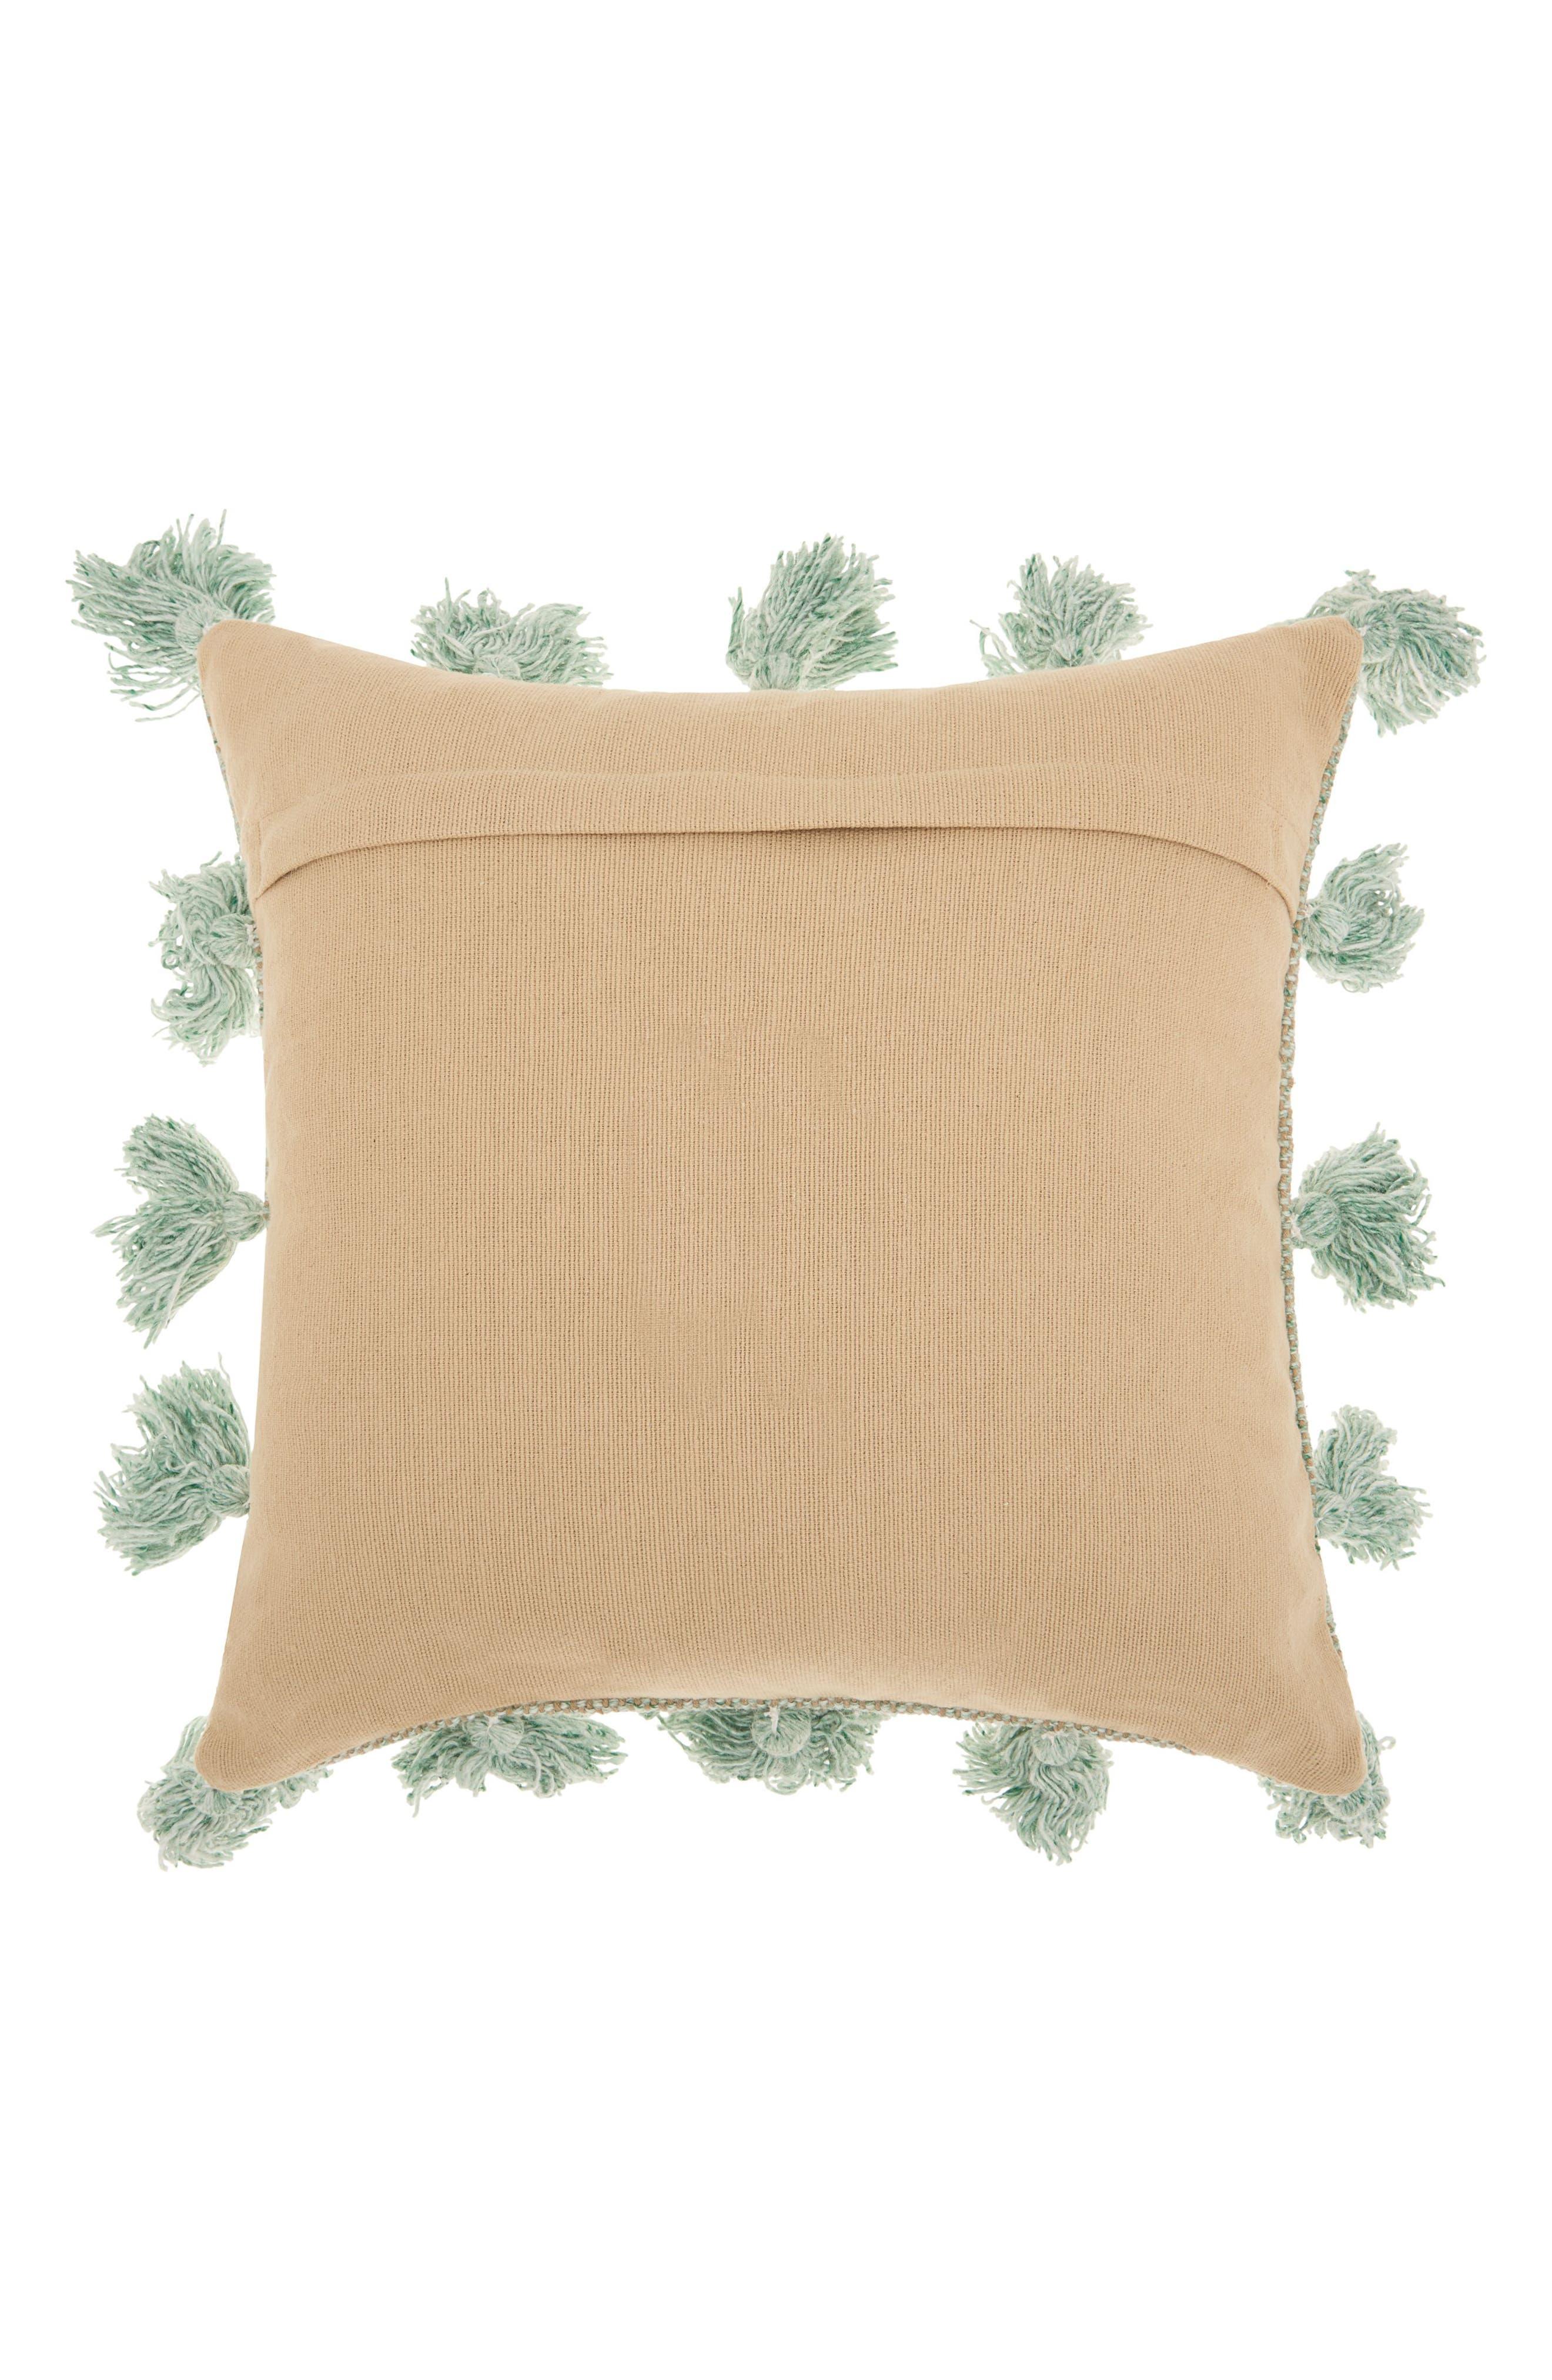 Canvas Accent Pillow,                             Alternate thumbnail 2, color,                             332